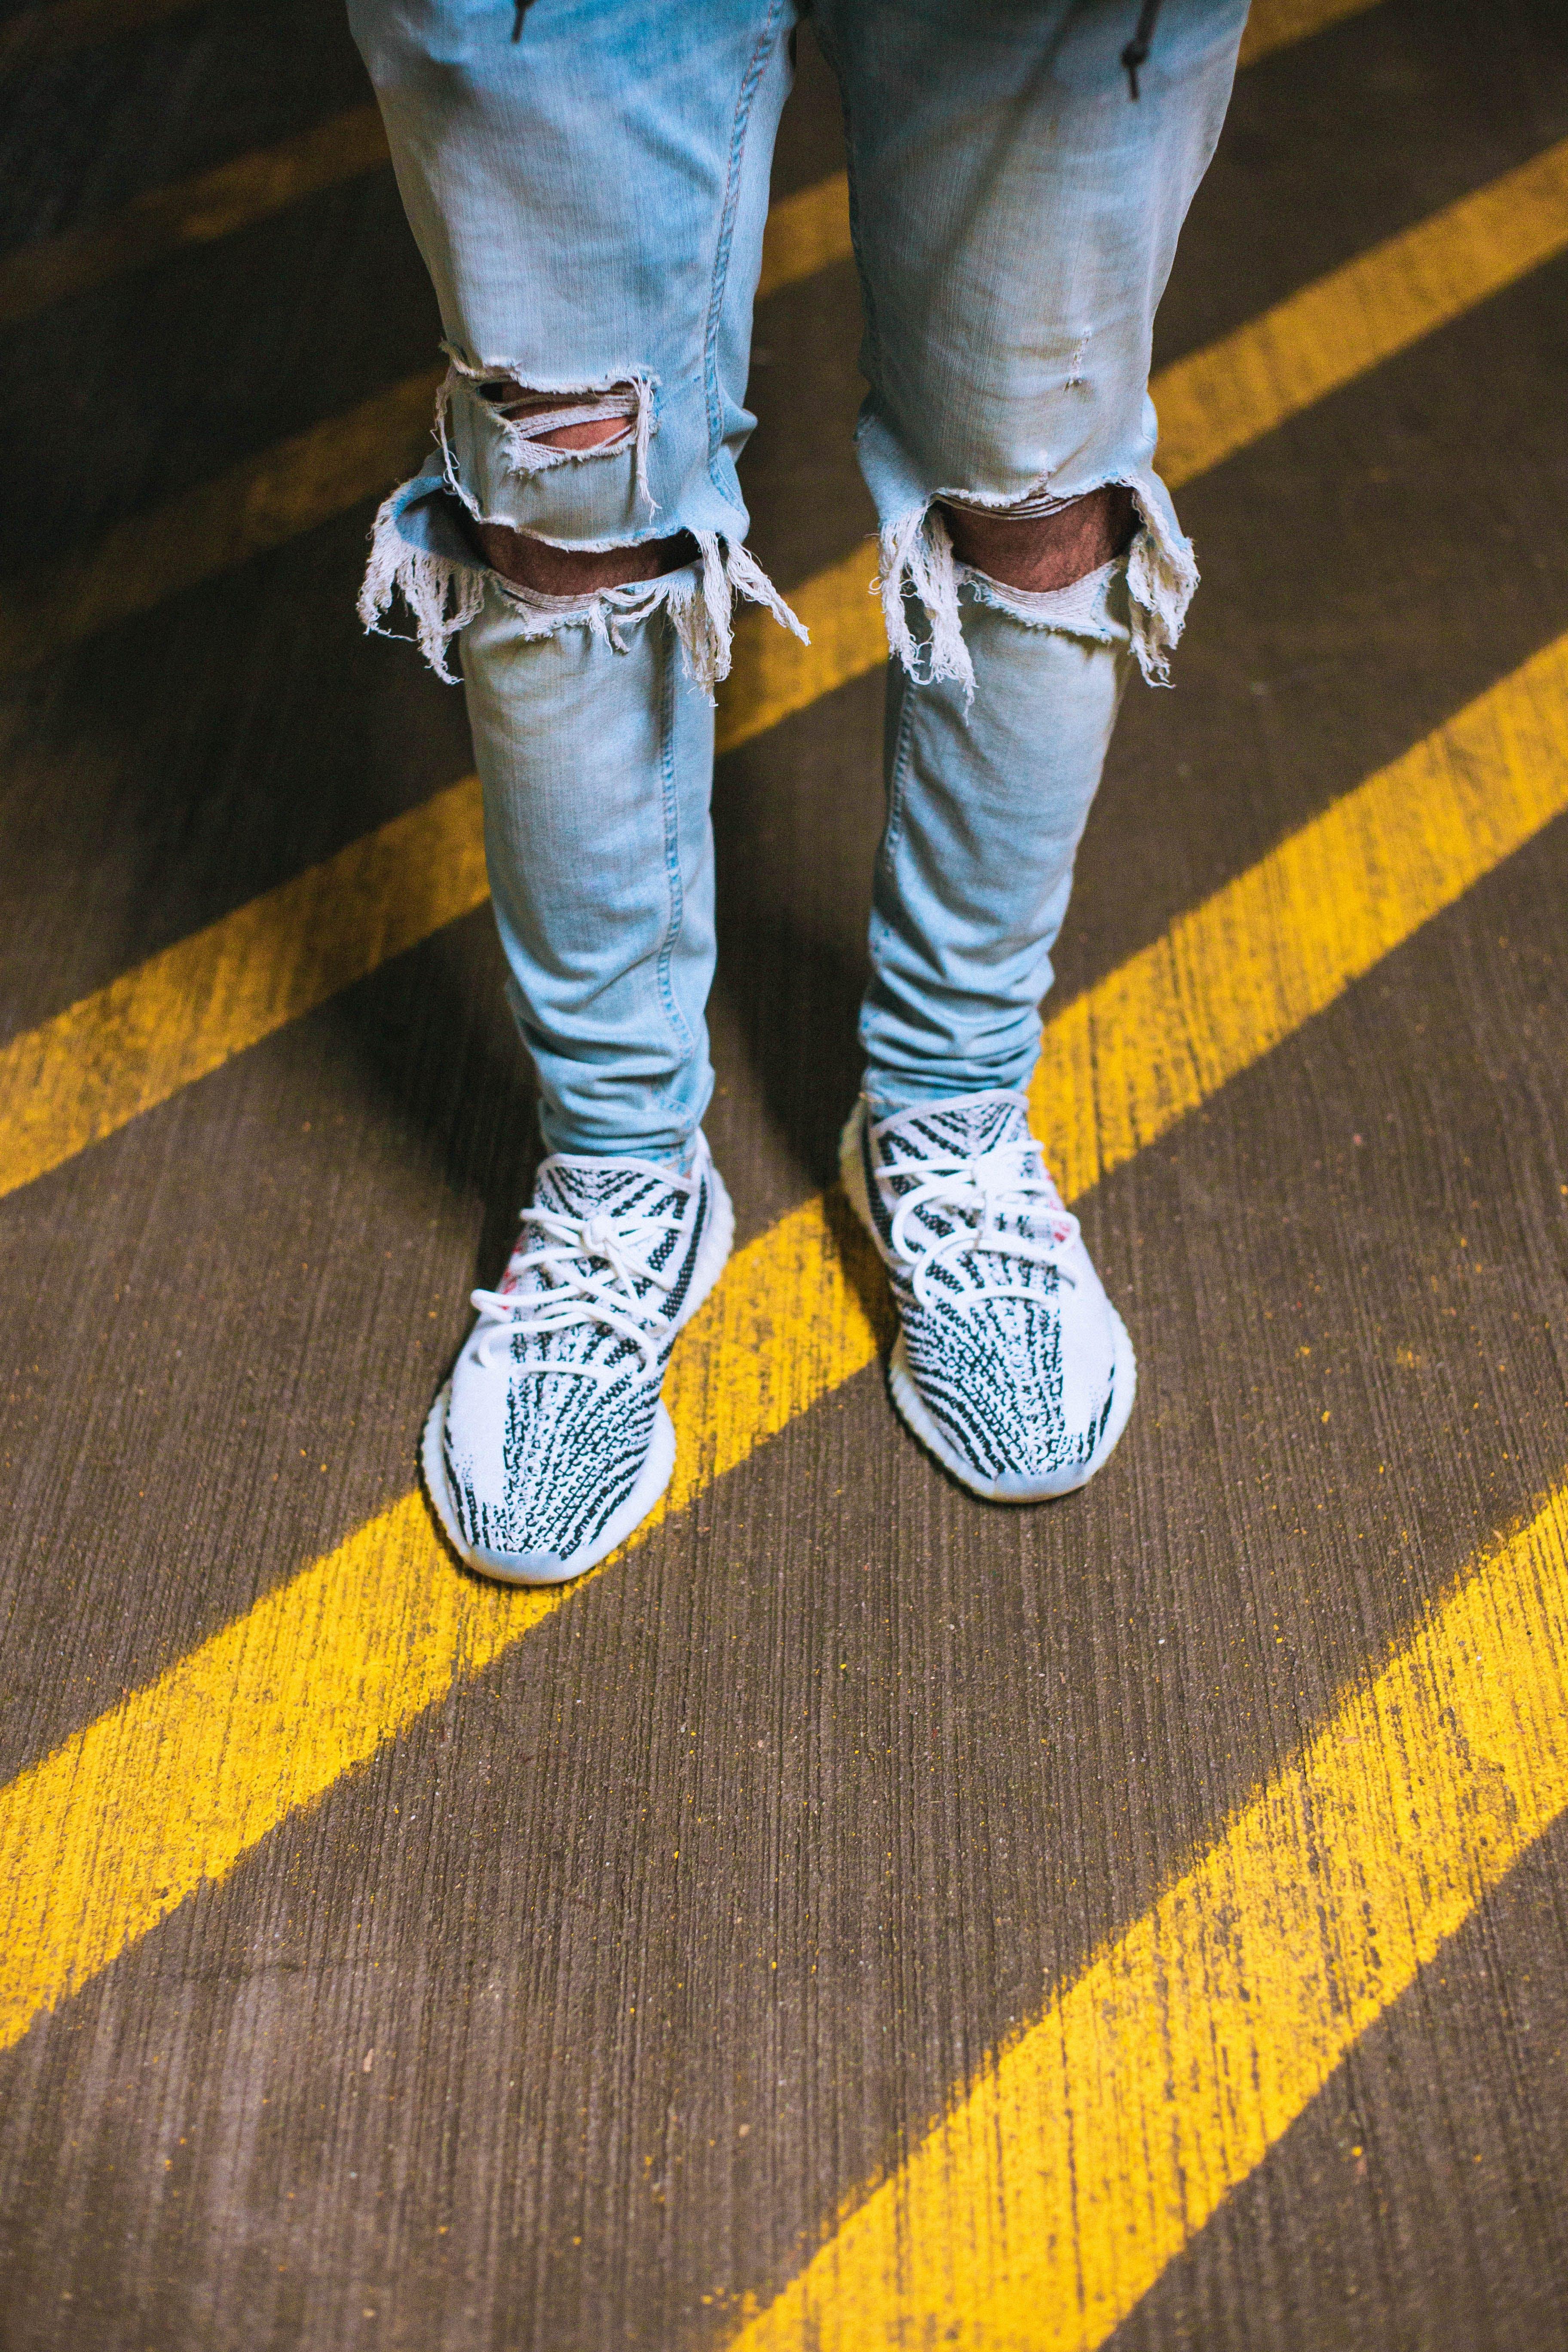 aşındırmak, ayakkabılar, ayaklar, gündelik içeren Ücretsiz stok fotoğraf